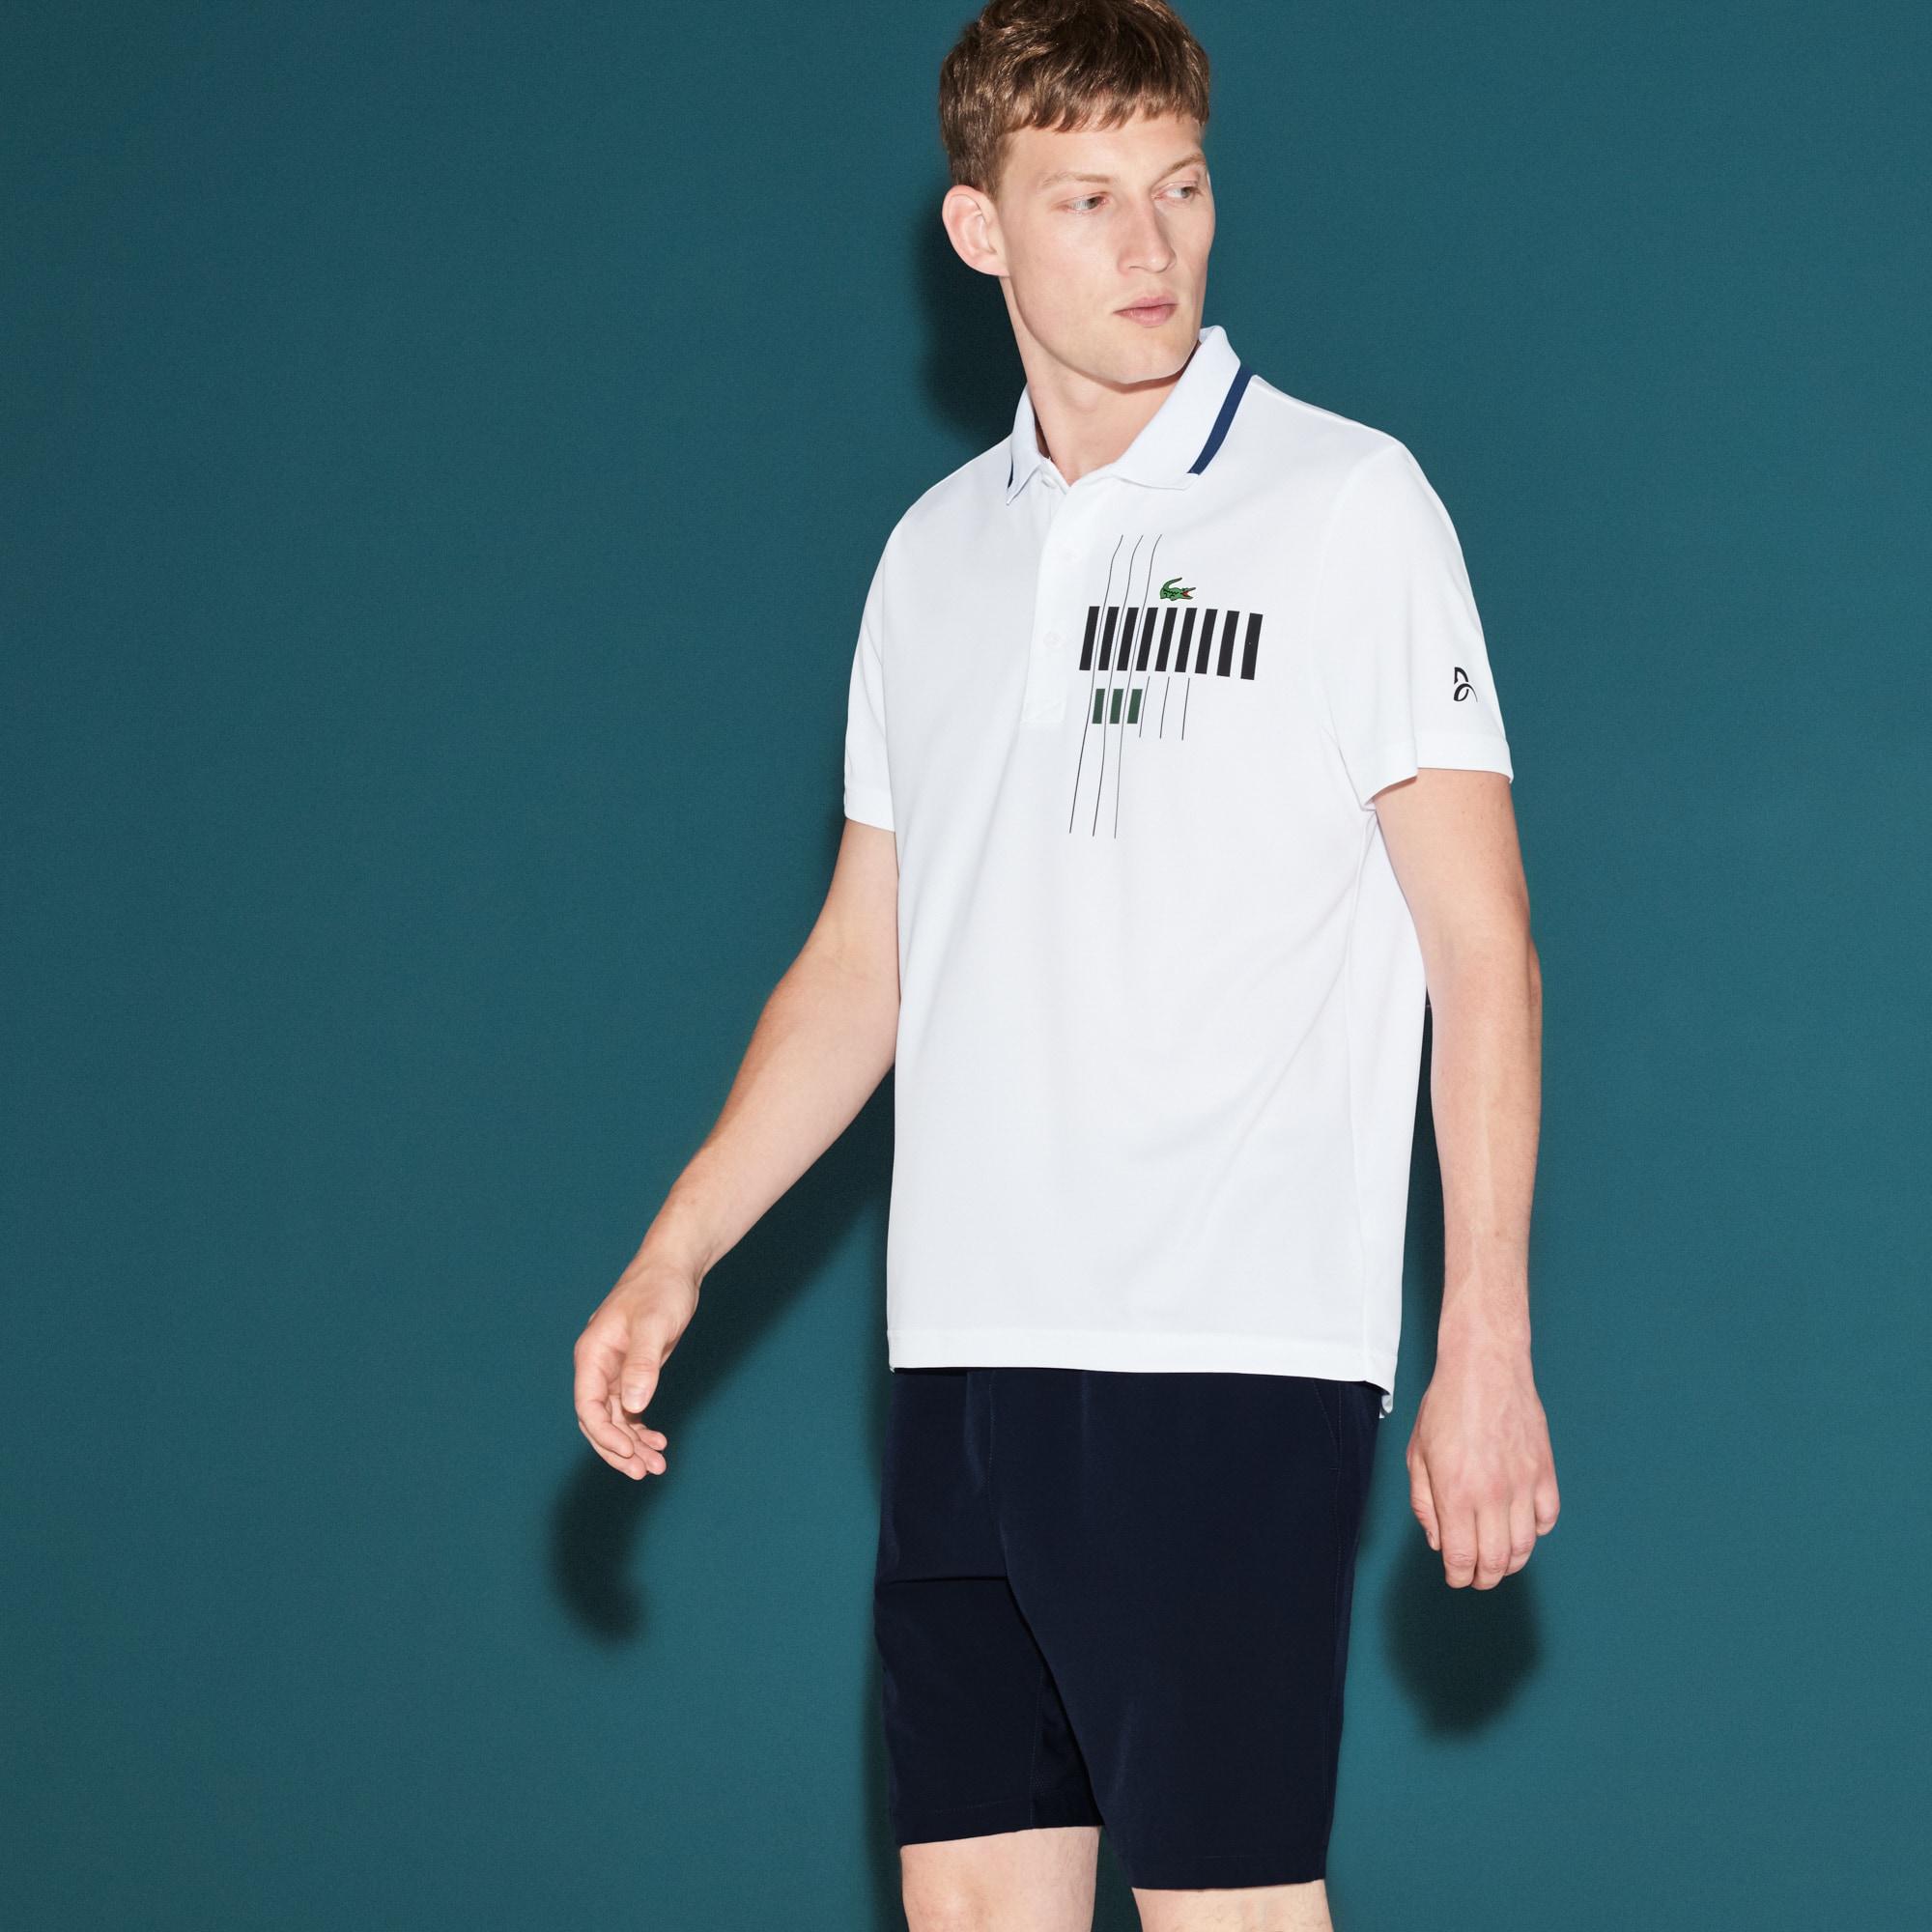 Pólo Lacoste da Coleção Novak Djokovic -  Exclusive Blue Edition